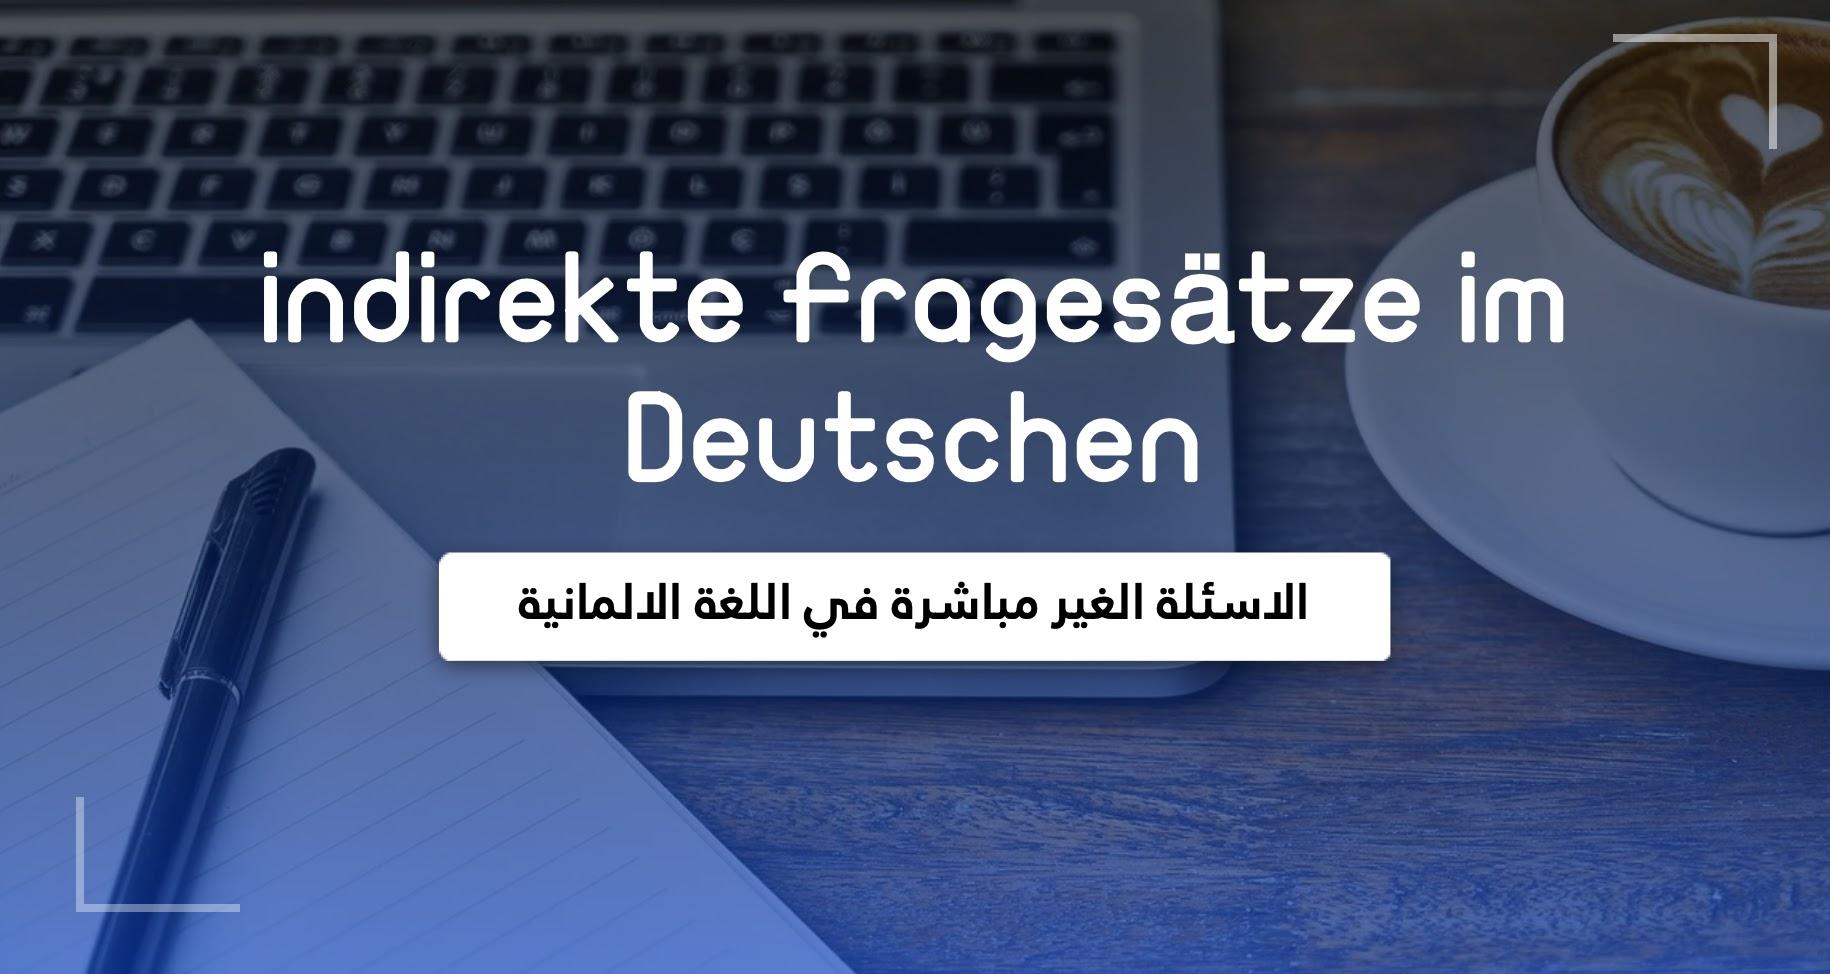 نظرة عامة عن الاسئلة الغير مباشرة في اللغة الالمانية   Übersicht indirekte Fragesätze im Deutschen